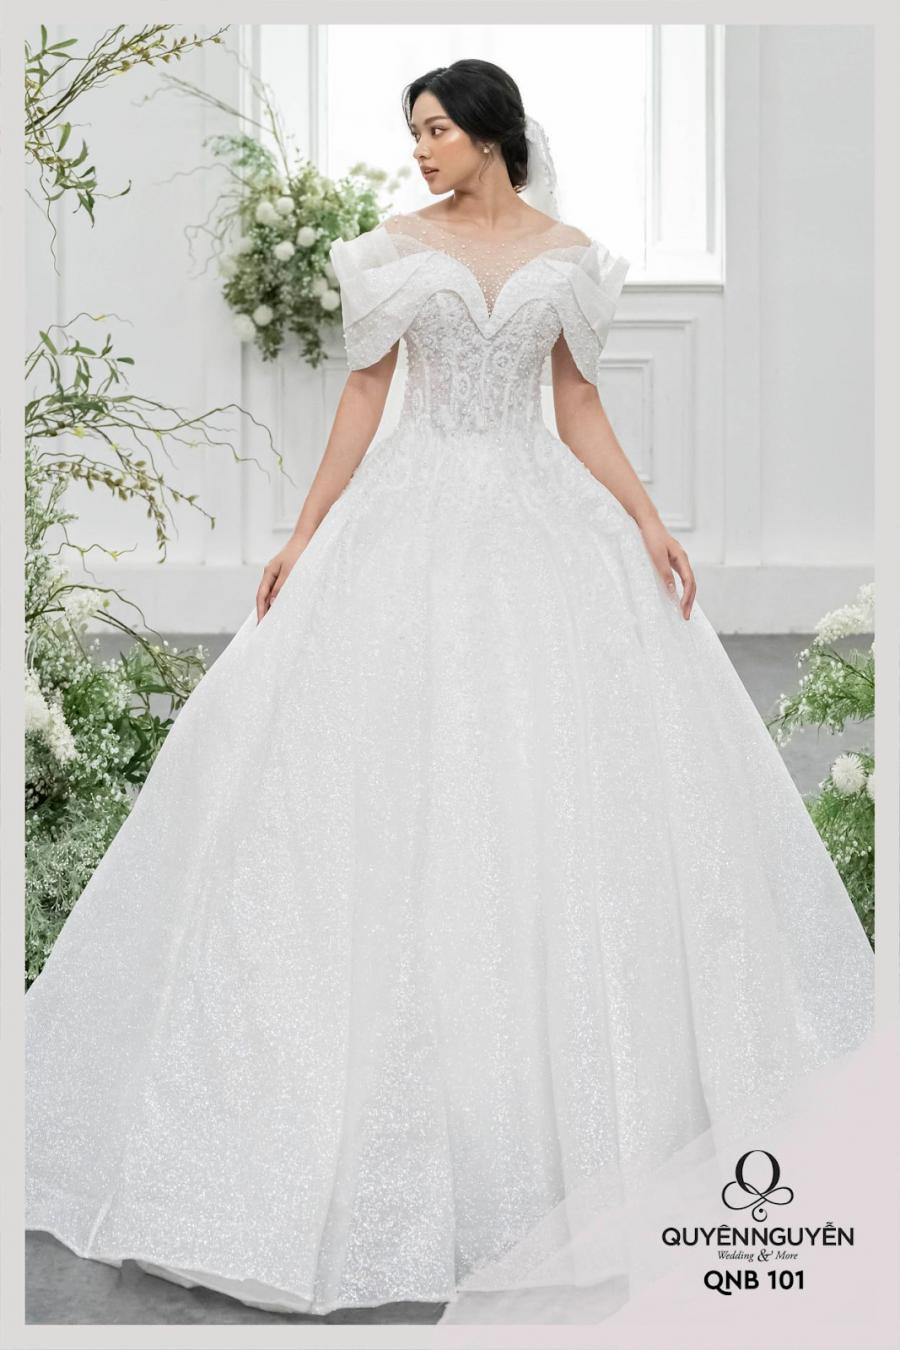 5 mẫu váy cưới công chúa cao cấp đẹp lung linh